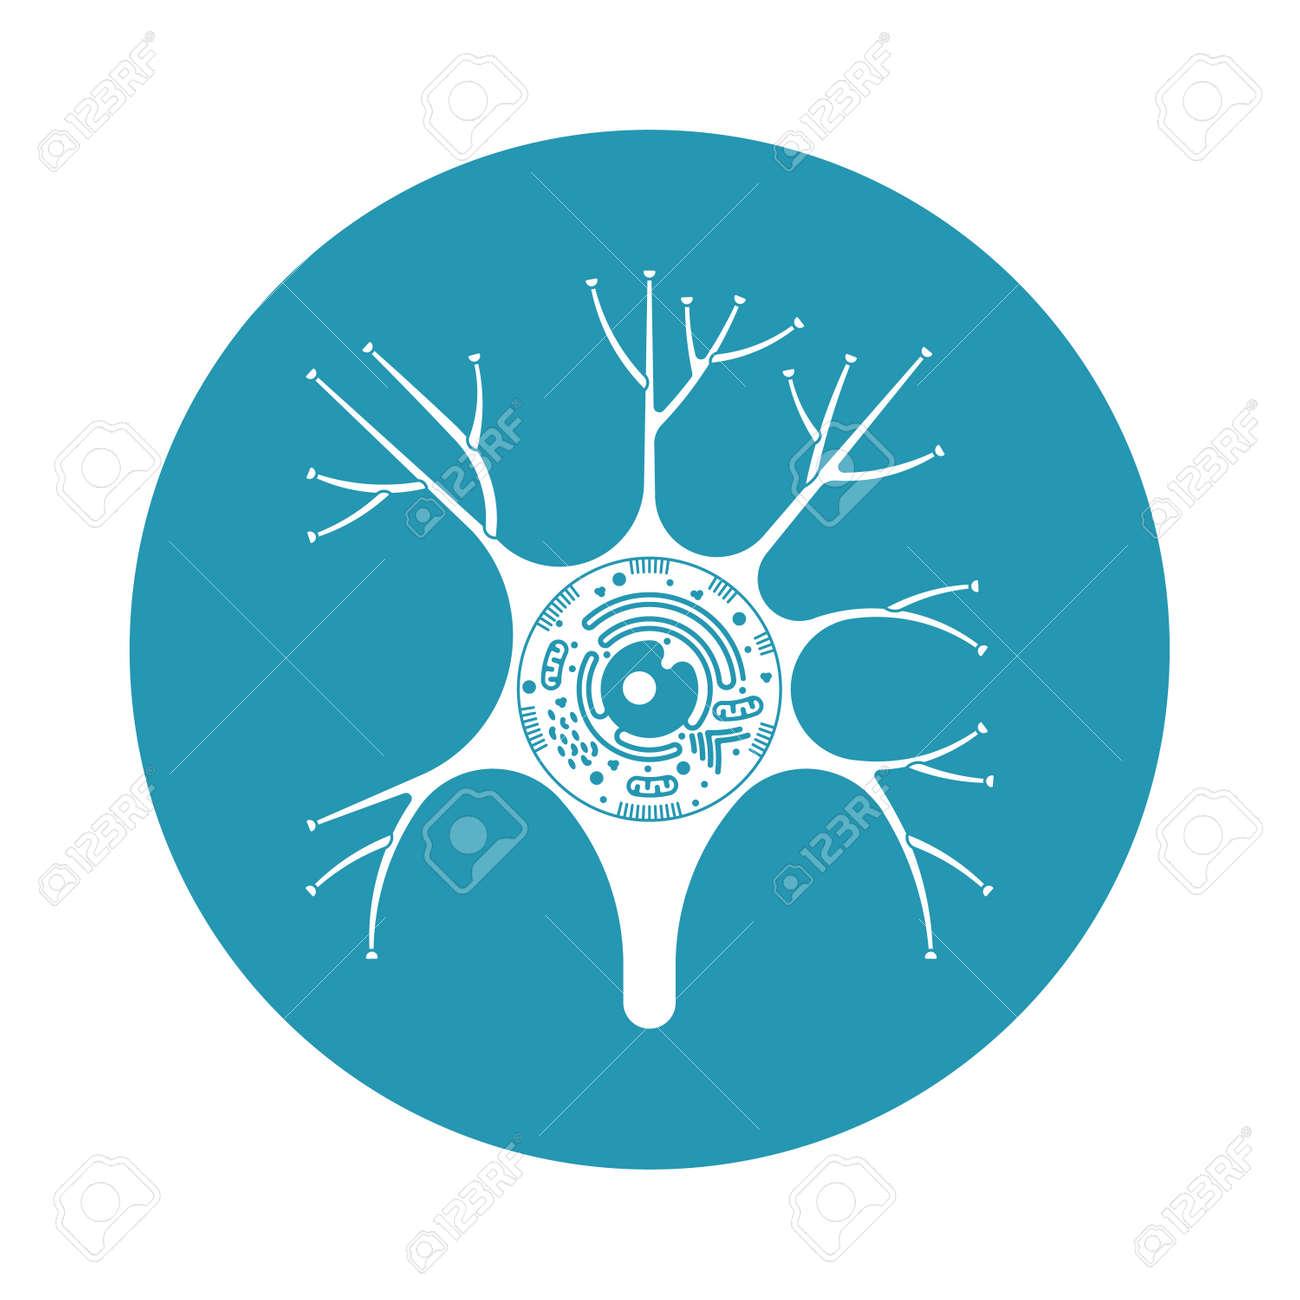 Aislado De La Neurona Icono De La Biología Celular. Ilustración De ...